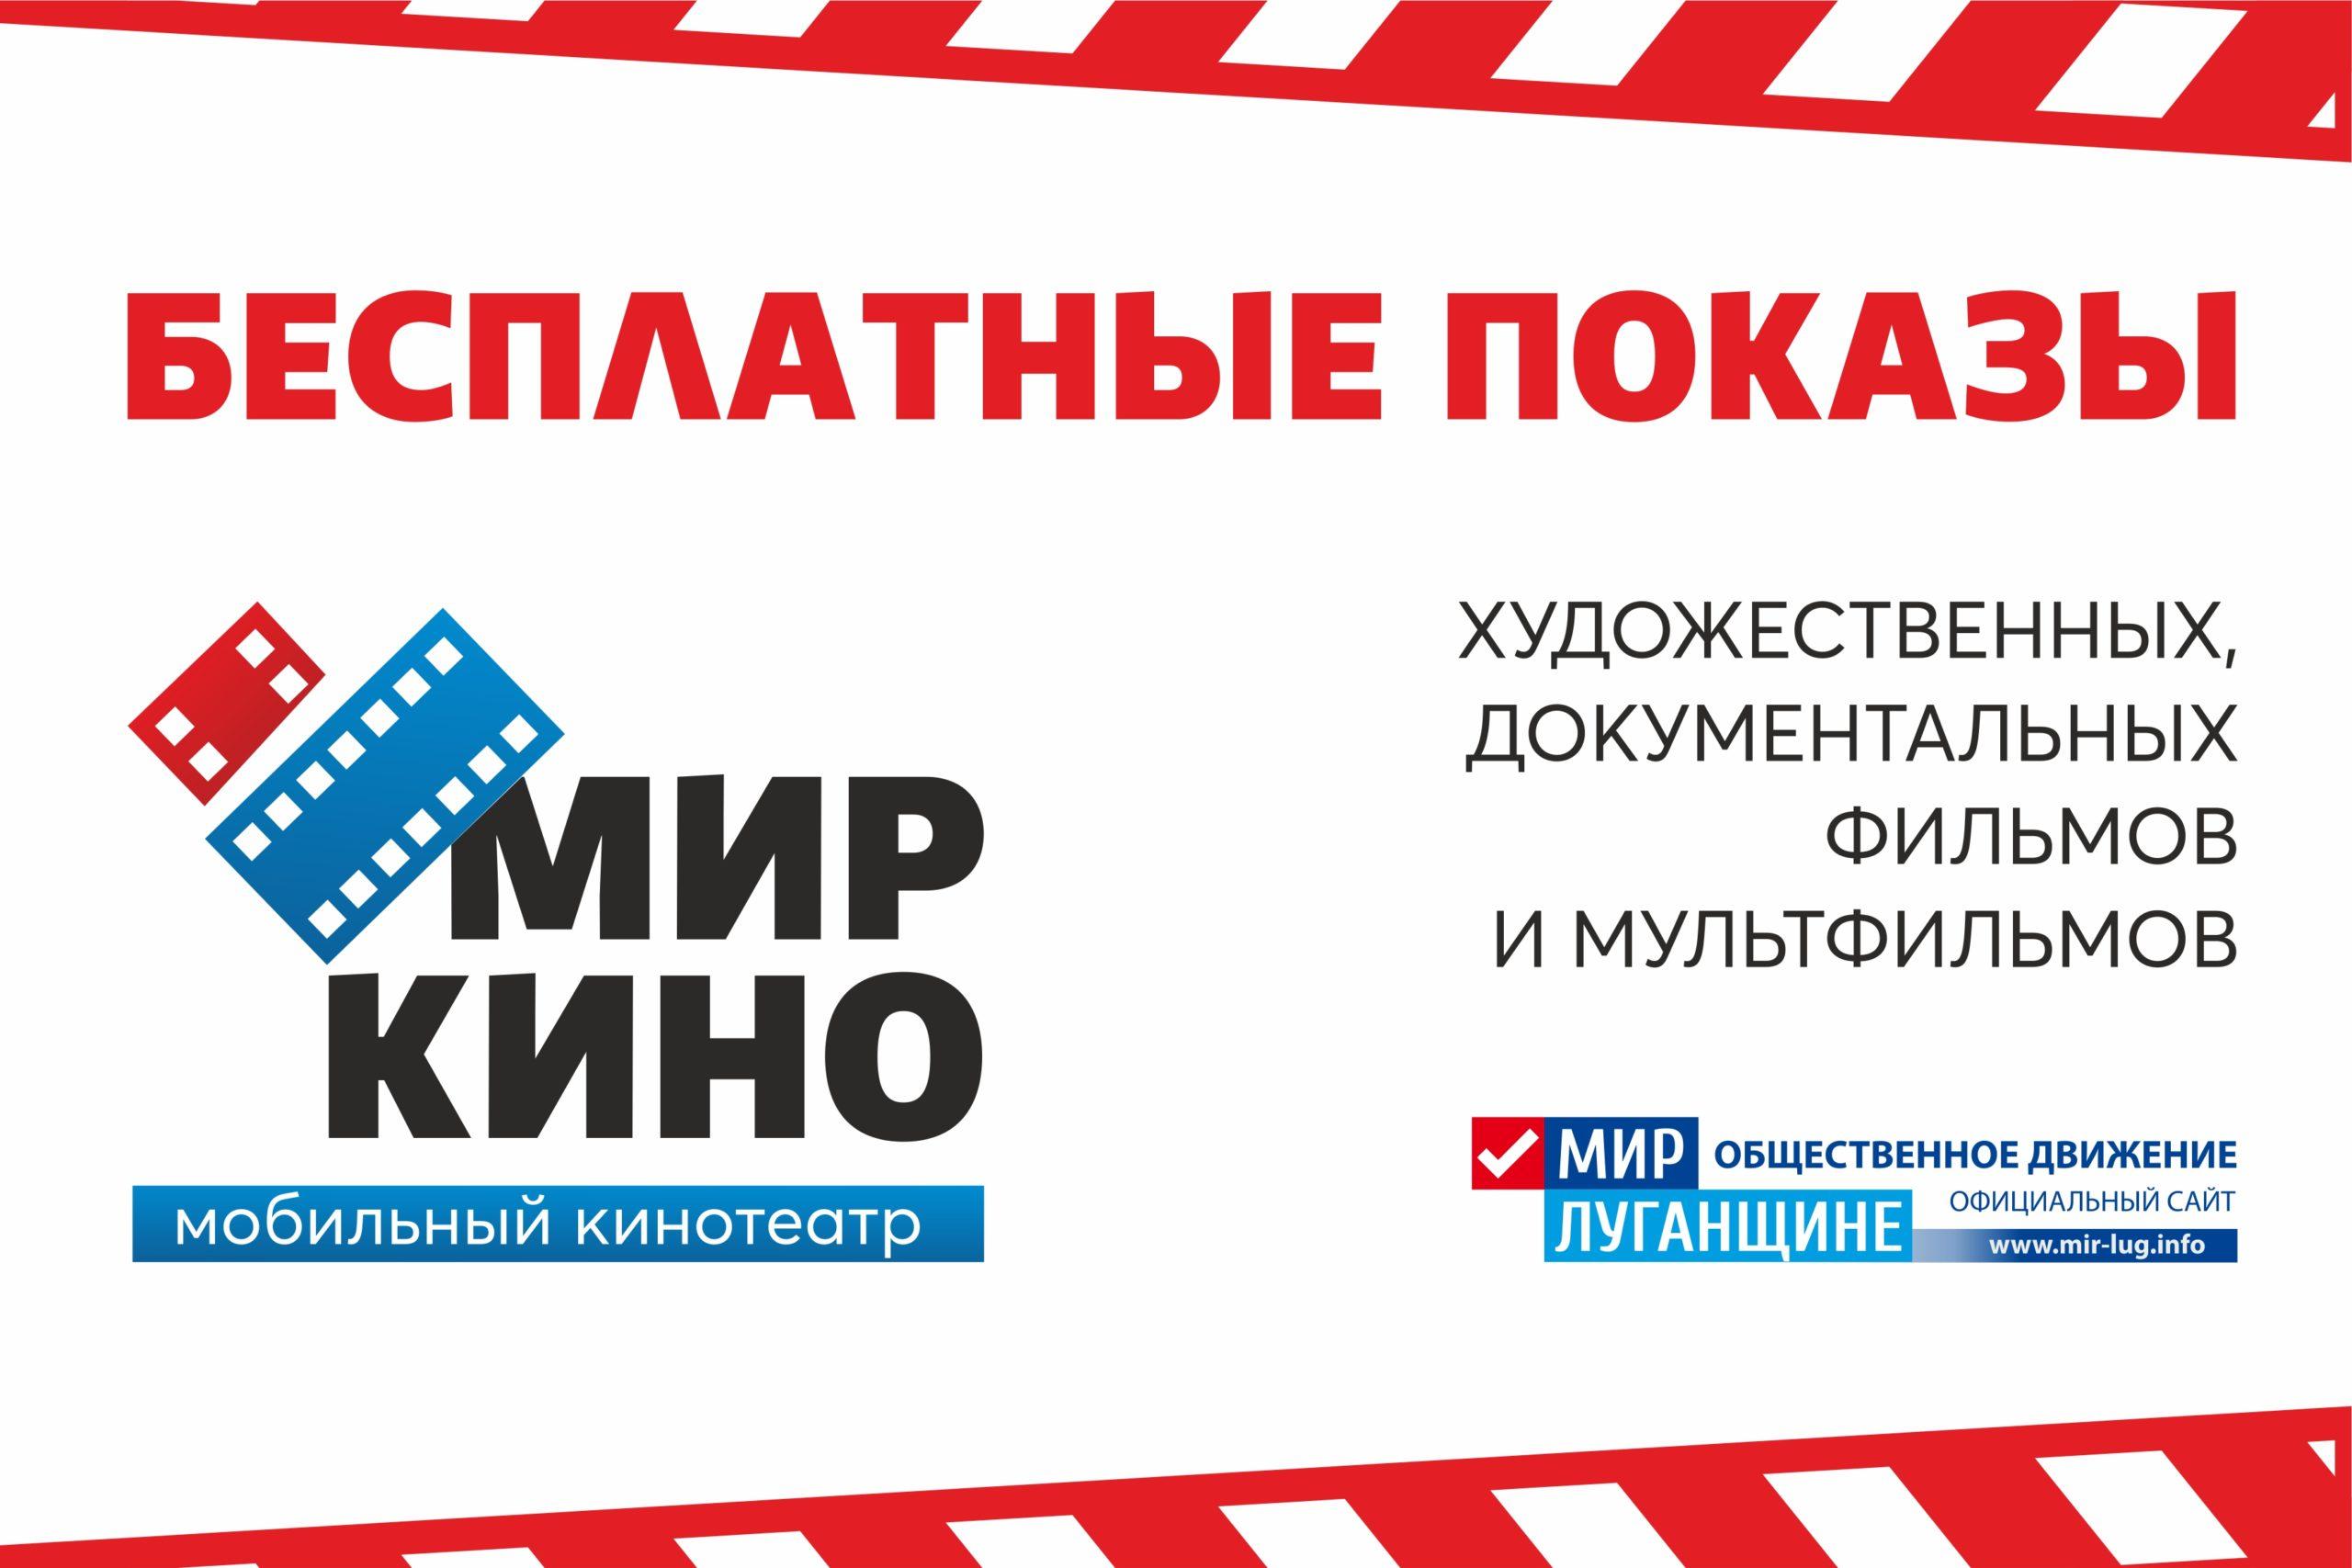 Бесплатные показы мультфильмов состоятся в Стаханове и Антраците